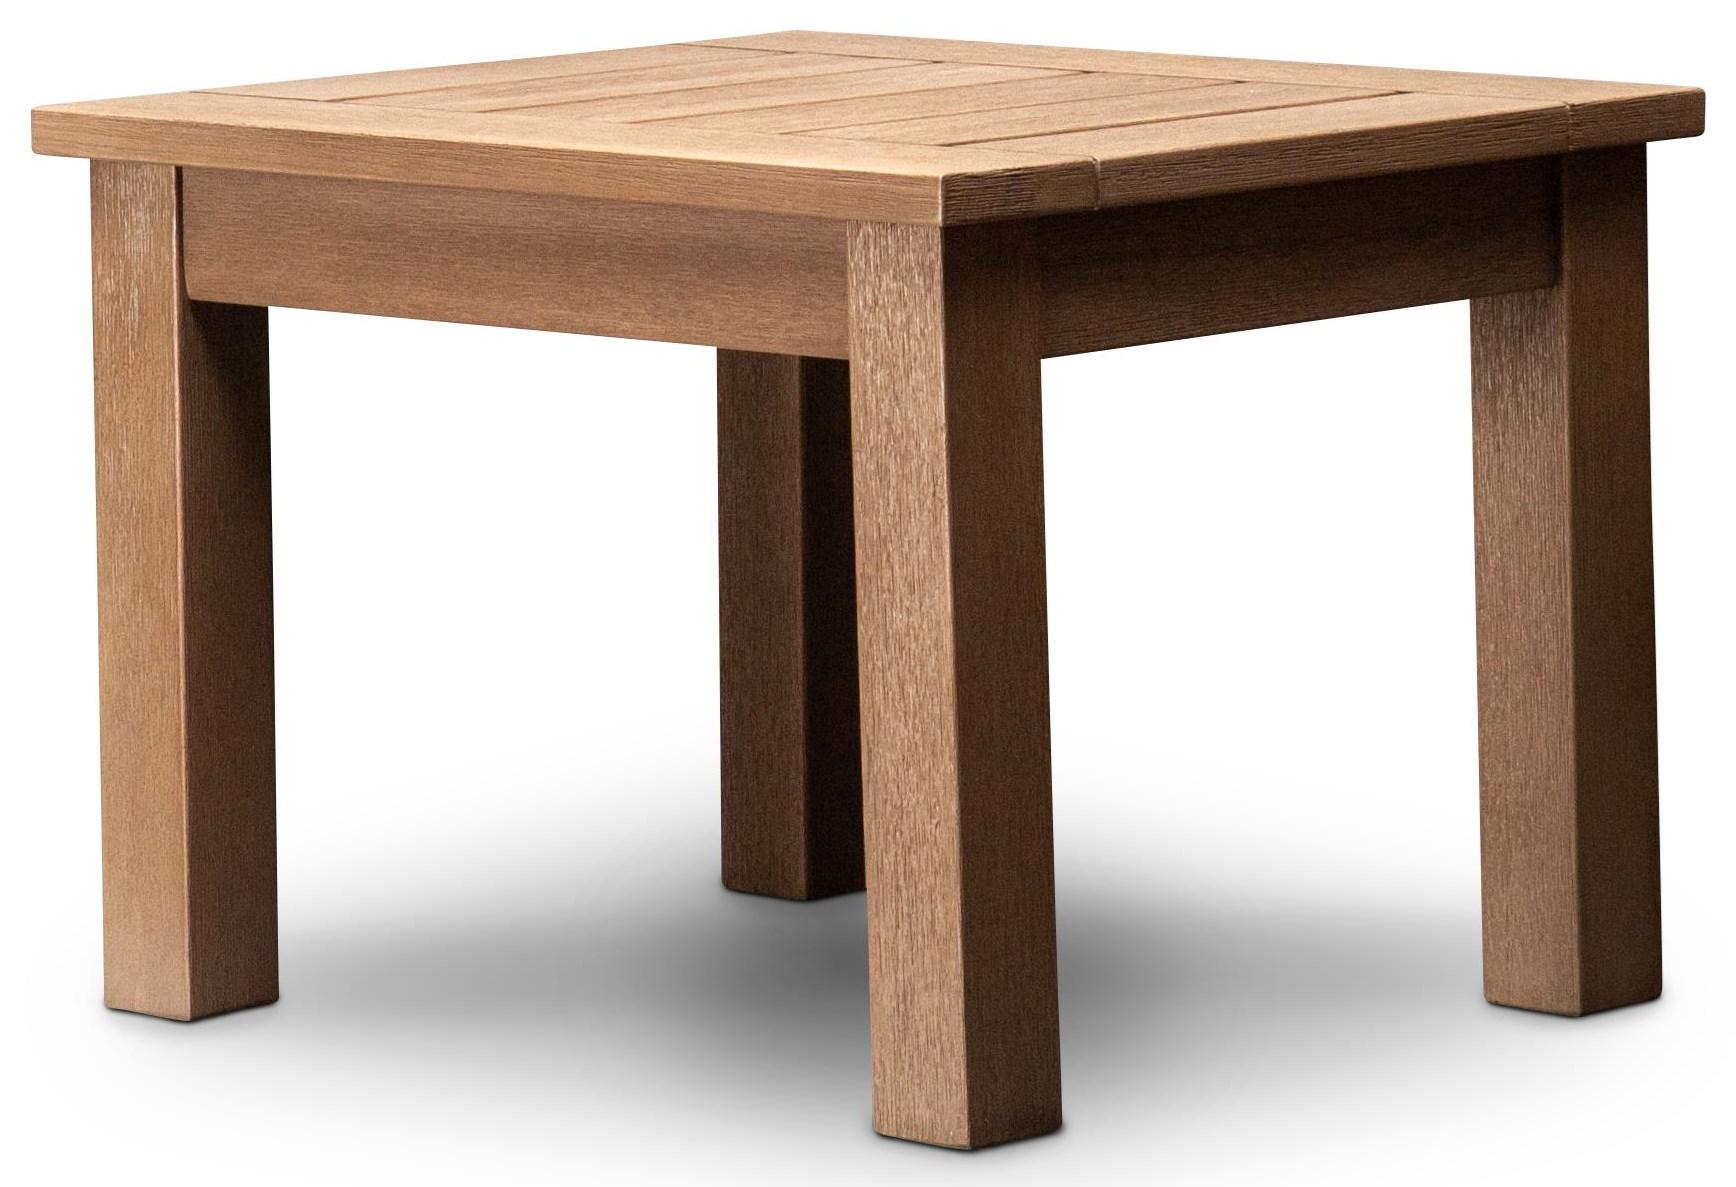 Myrtle Myrtle End Table at Morris Home